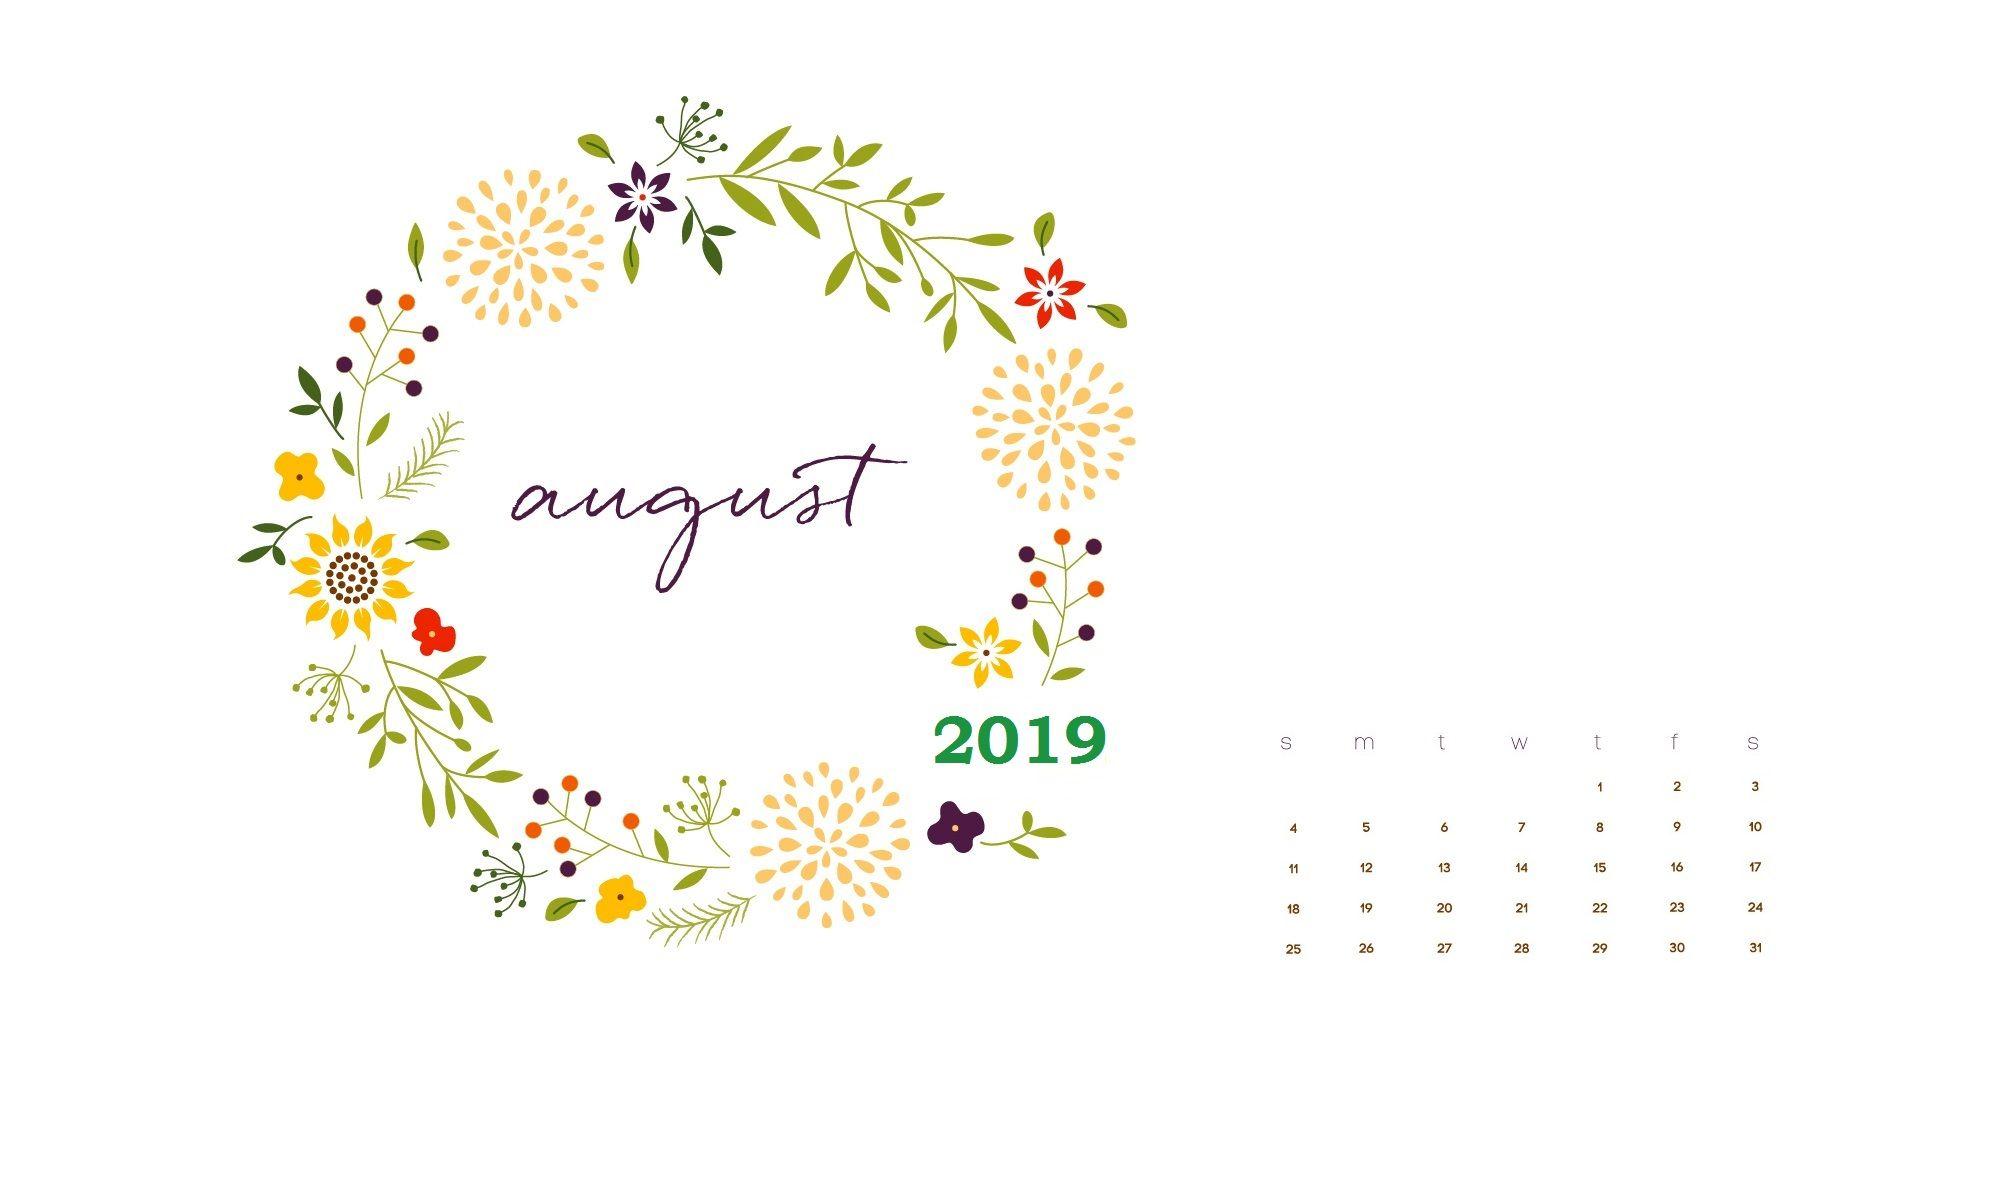 Floral August 2019 Calendar Calendar Wallpaper Desktop Wallpaper Calendar Wallpaper